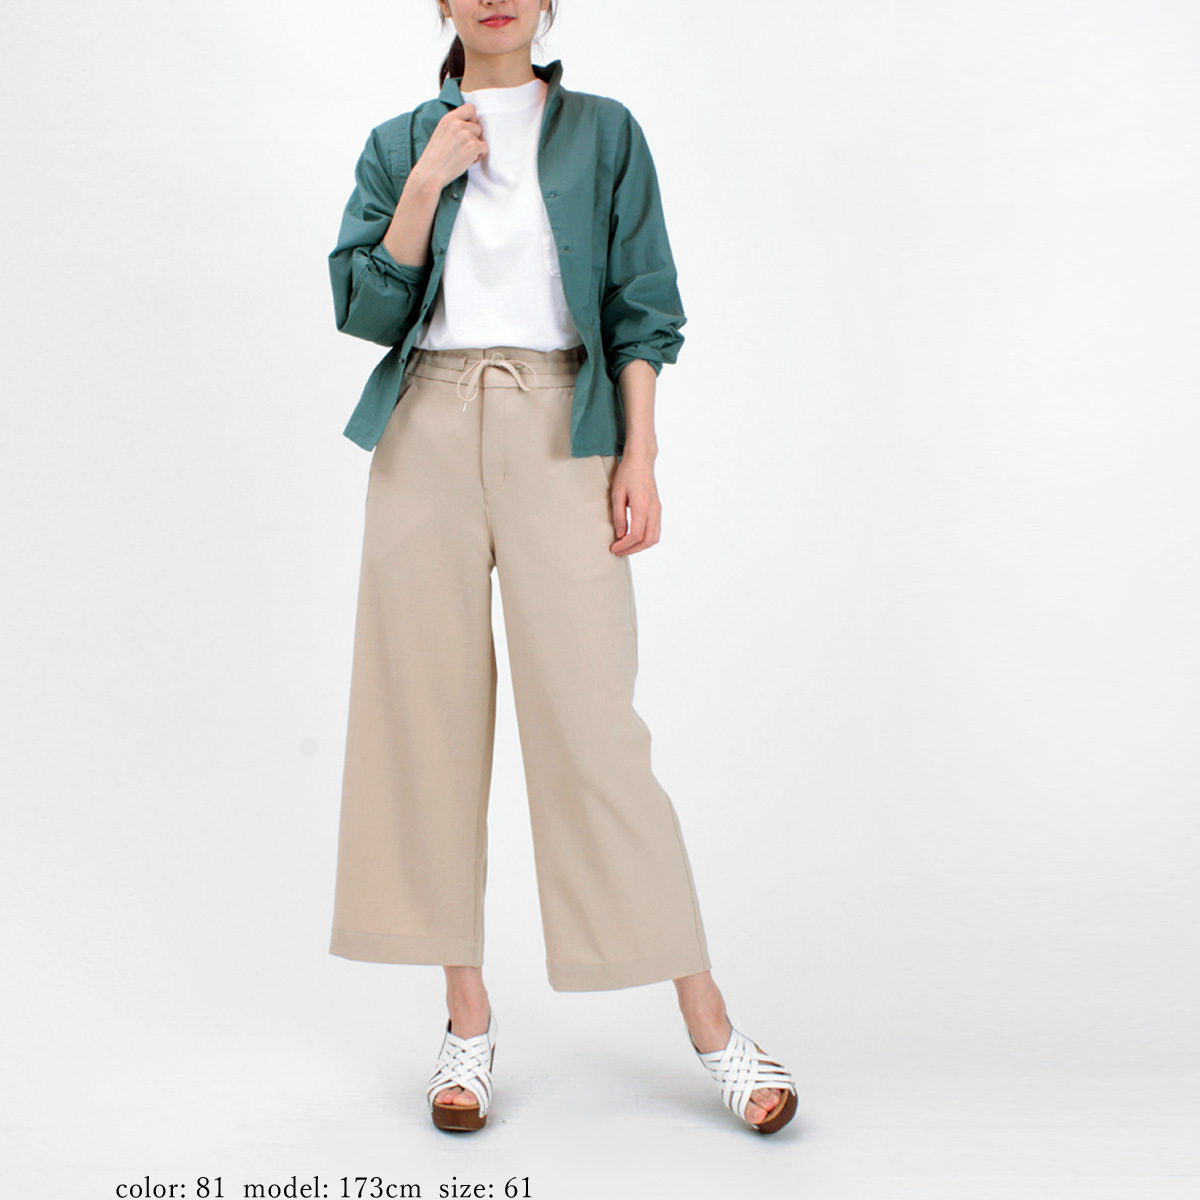 【SALE】Mrs.Jeana GOLD ■涼■ 2wayストレッチカラー イージーワイドクロップド GM3886